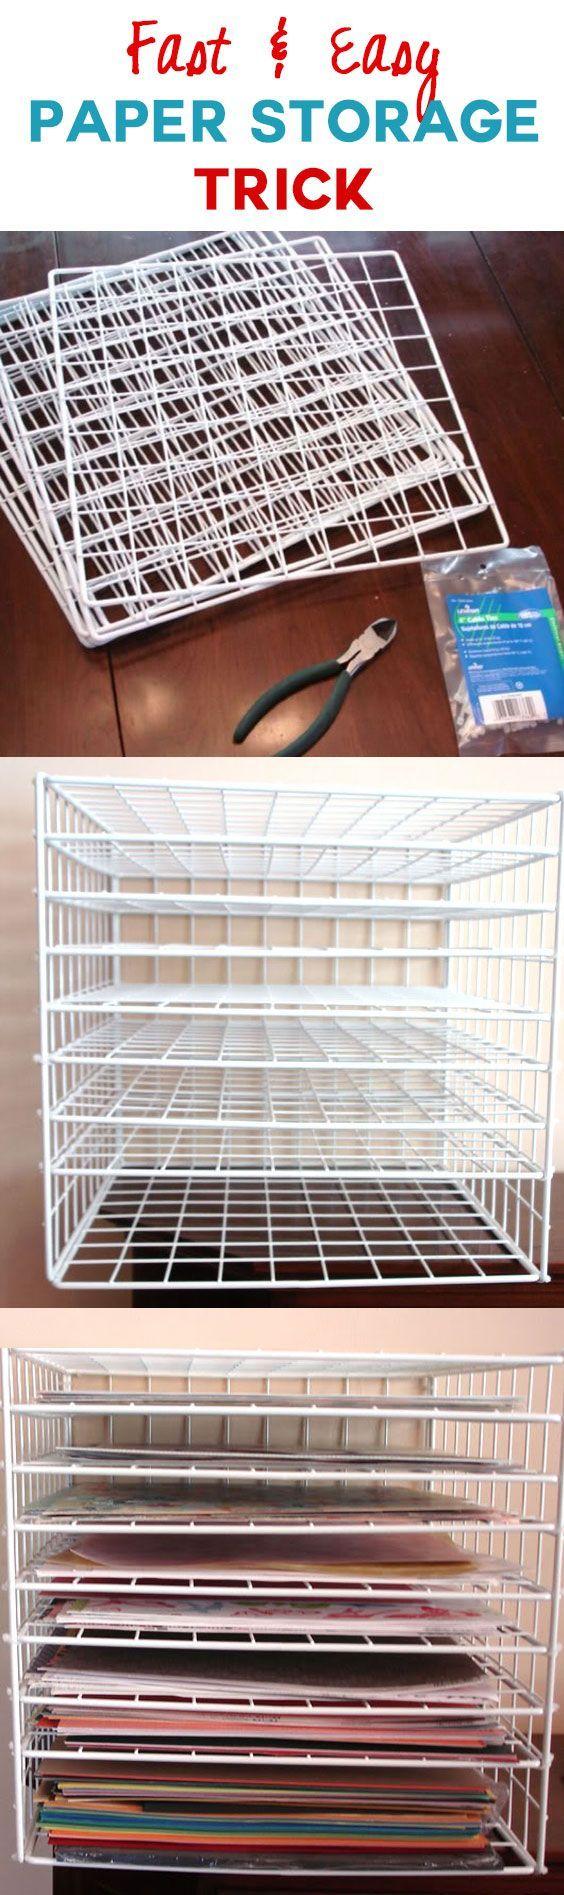 Easy Paper Storage Trick   Craft Organization Idea   Clever Storage Solution